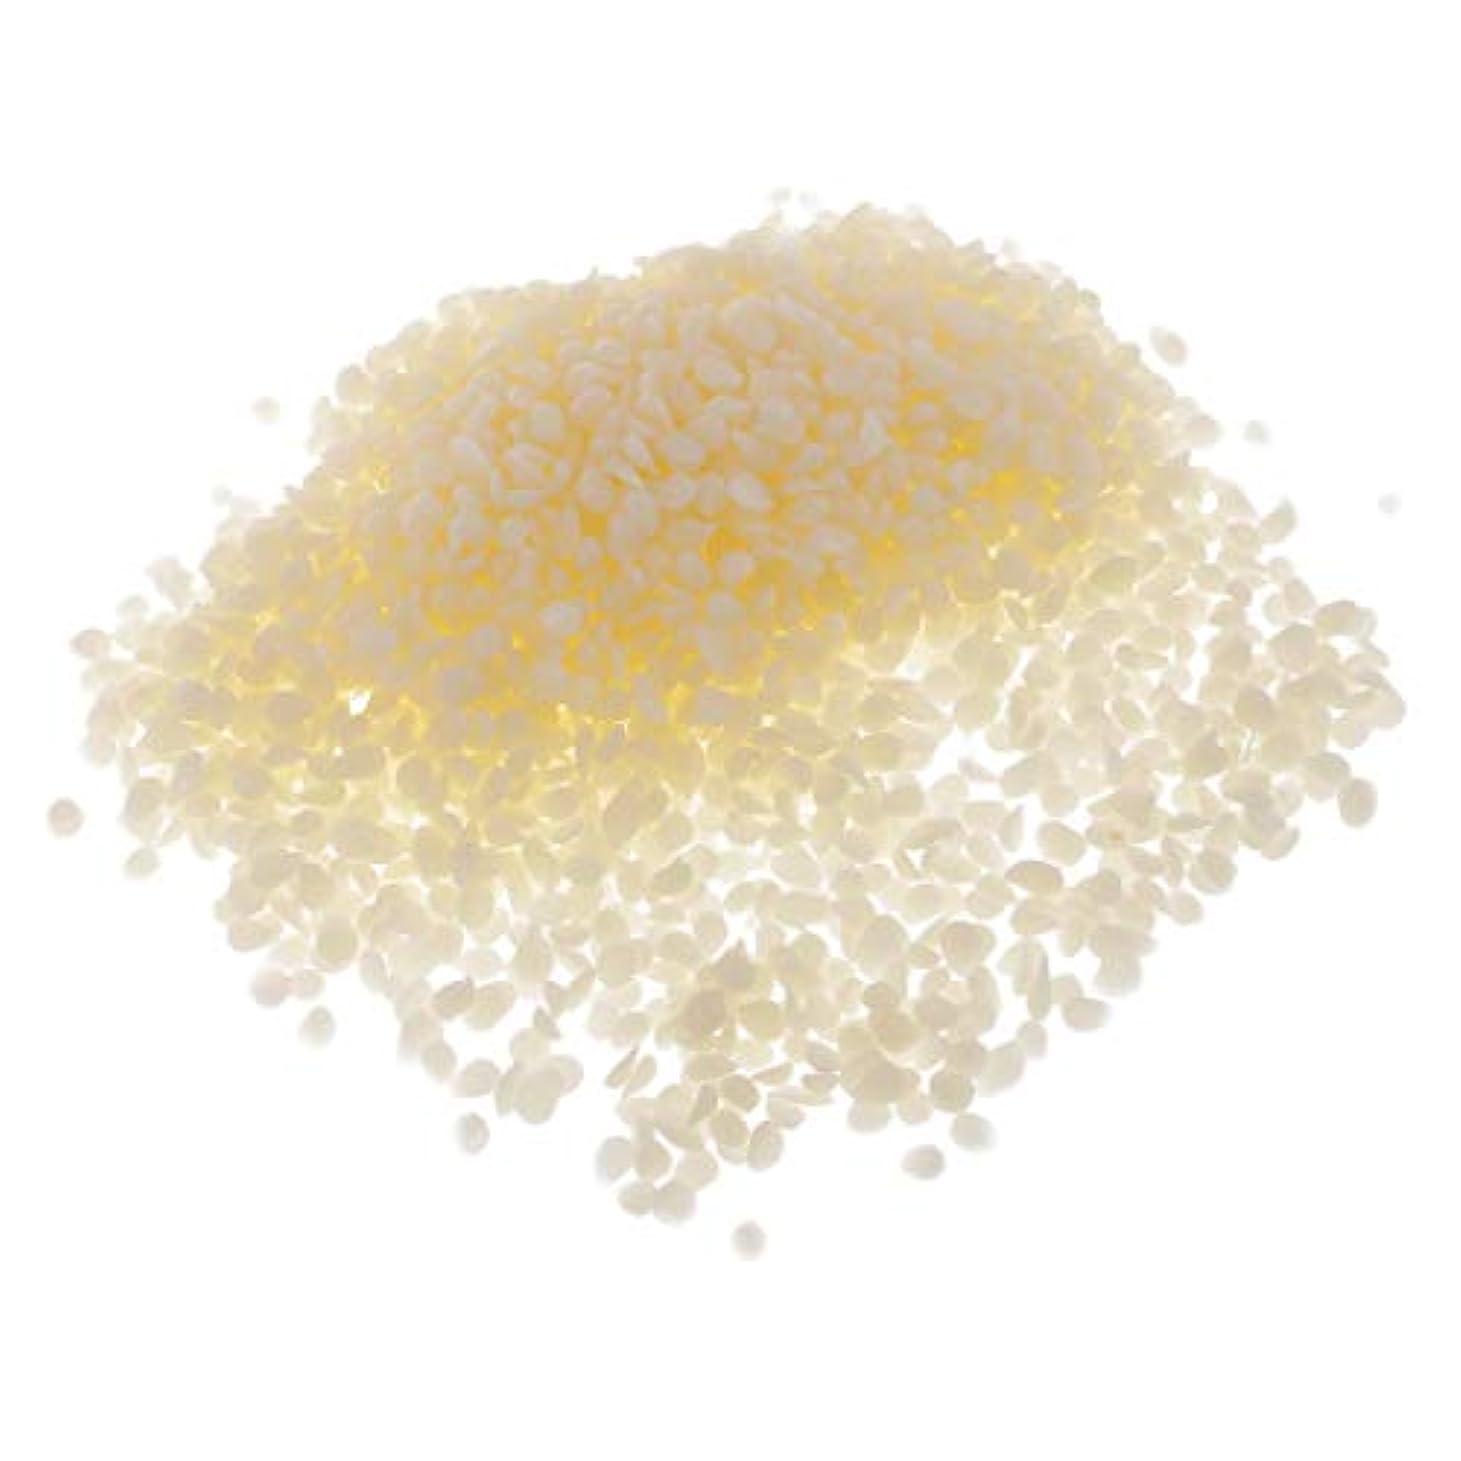 プラカード断片偽dailymall オーガニック ピュアホワイト ミツロウ ペレット 粒状 リップクリーム 化粧品原料 約100g